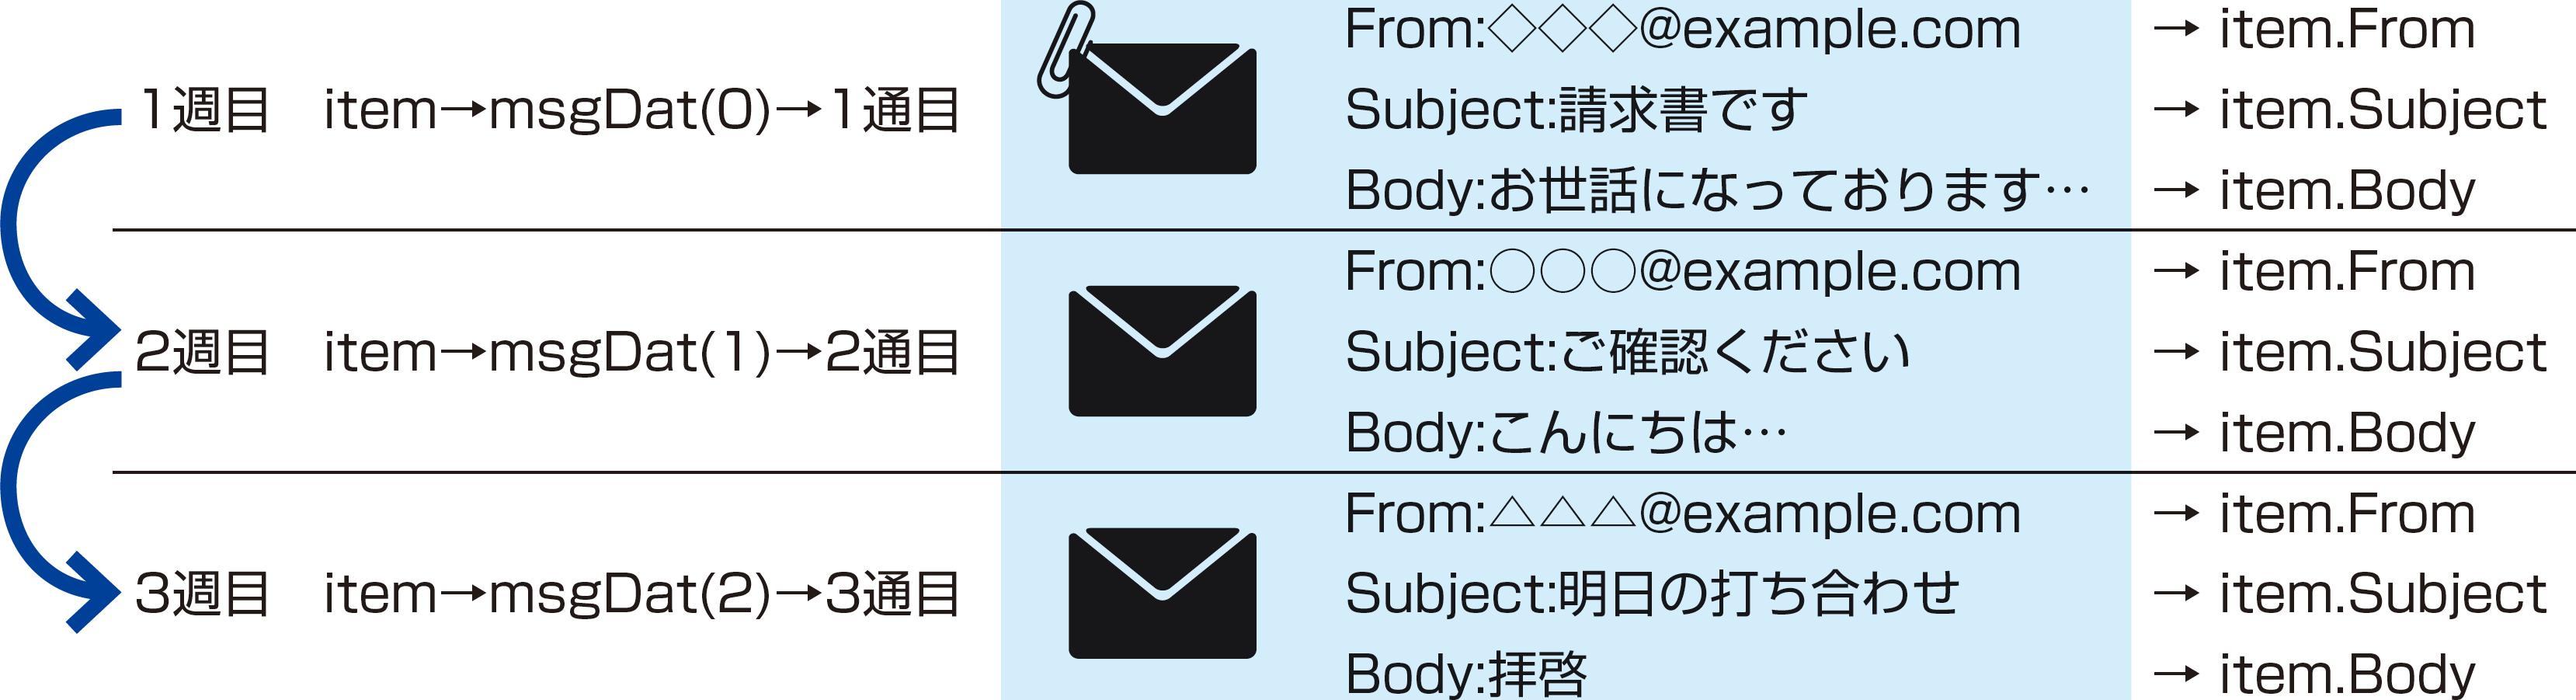 メールの本文や添付ファイルを読み取るには(メッセージとファイルの取得) - できるUiPath